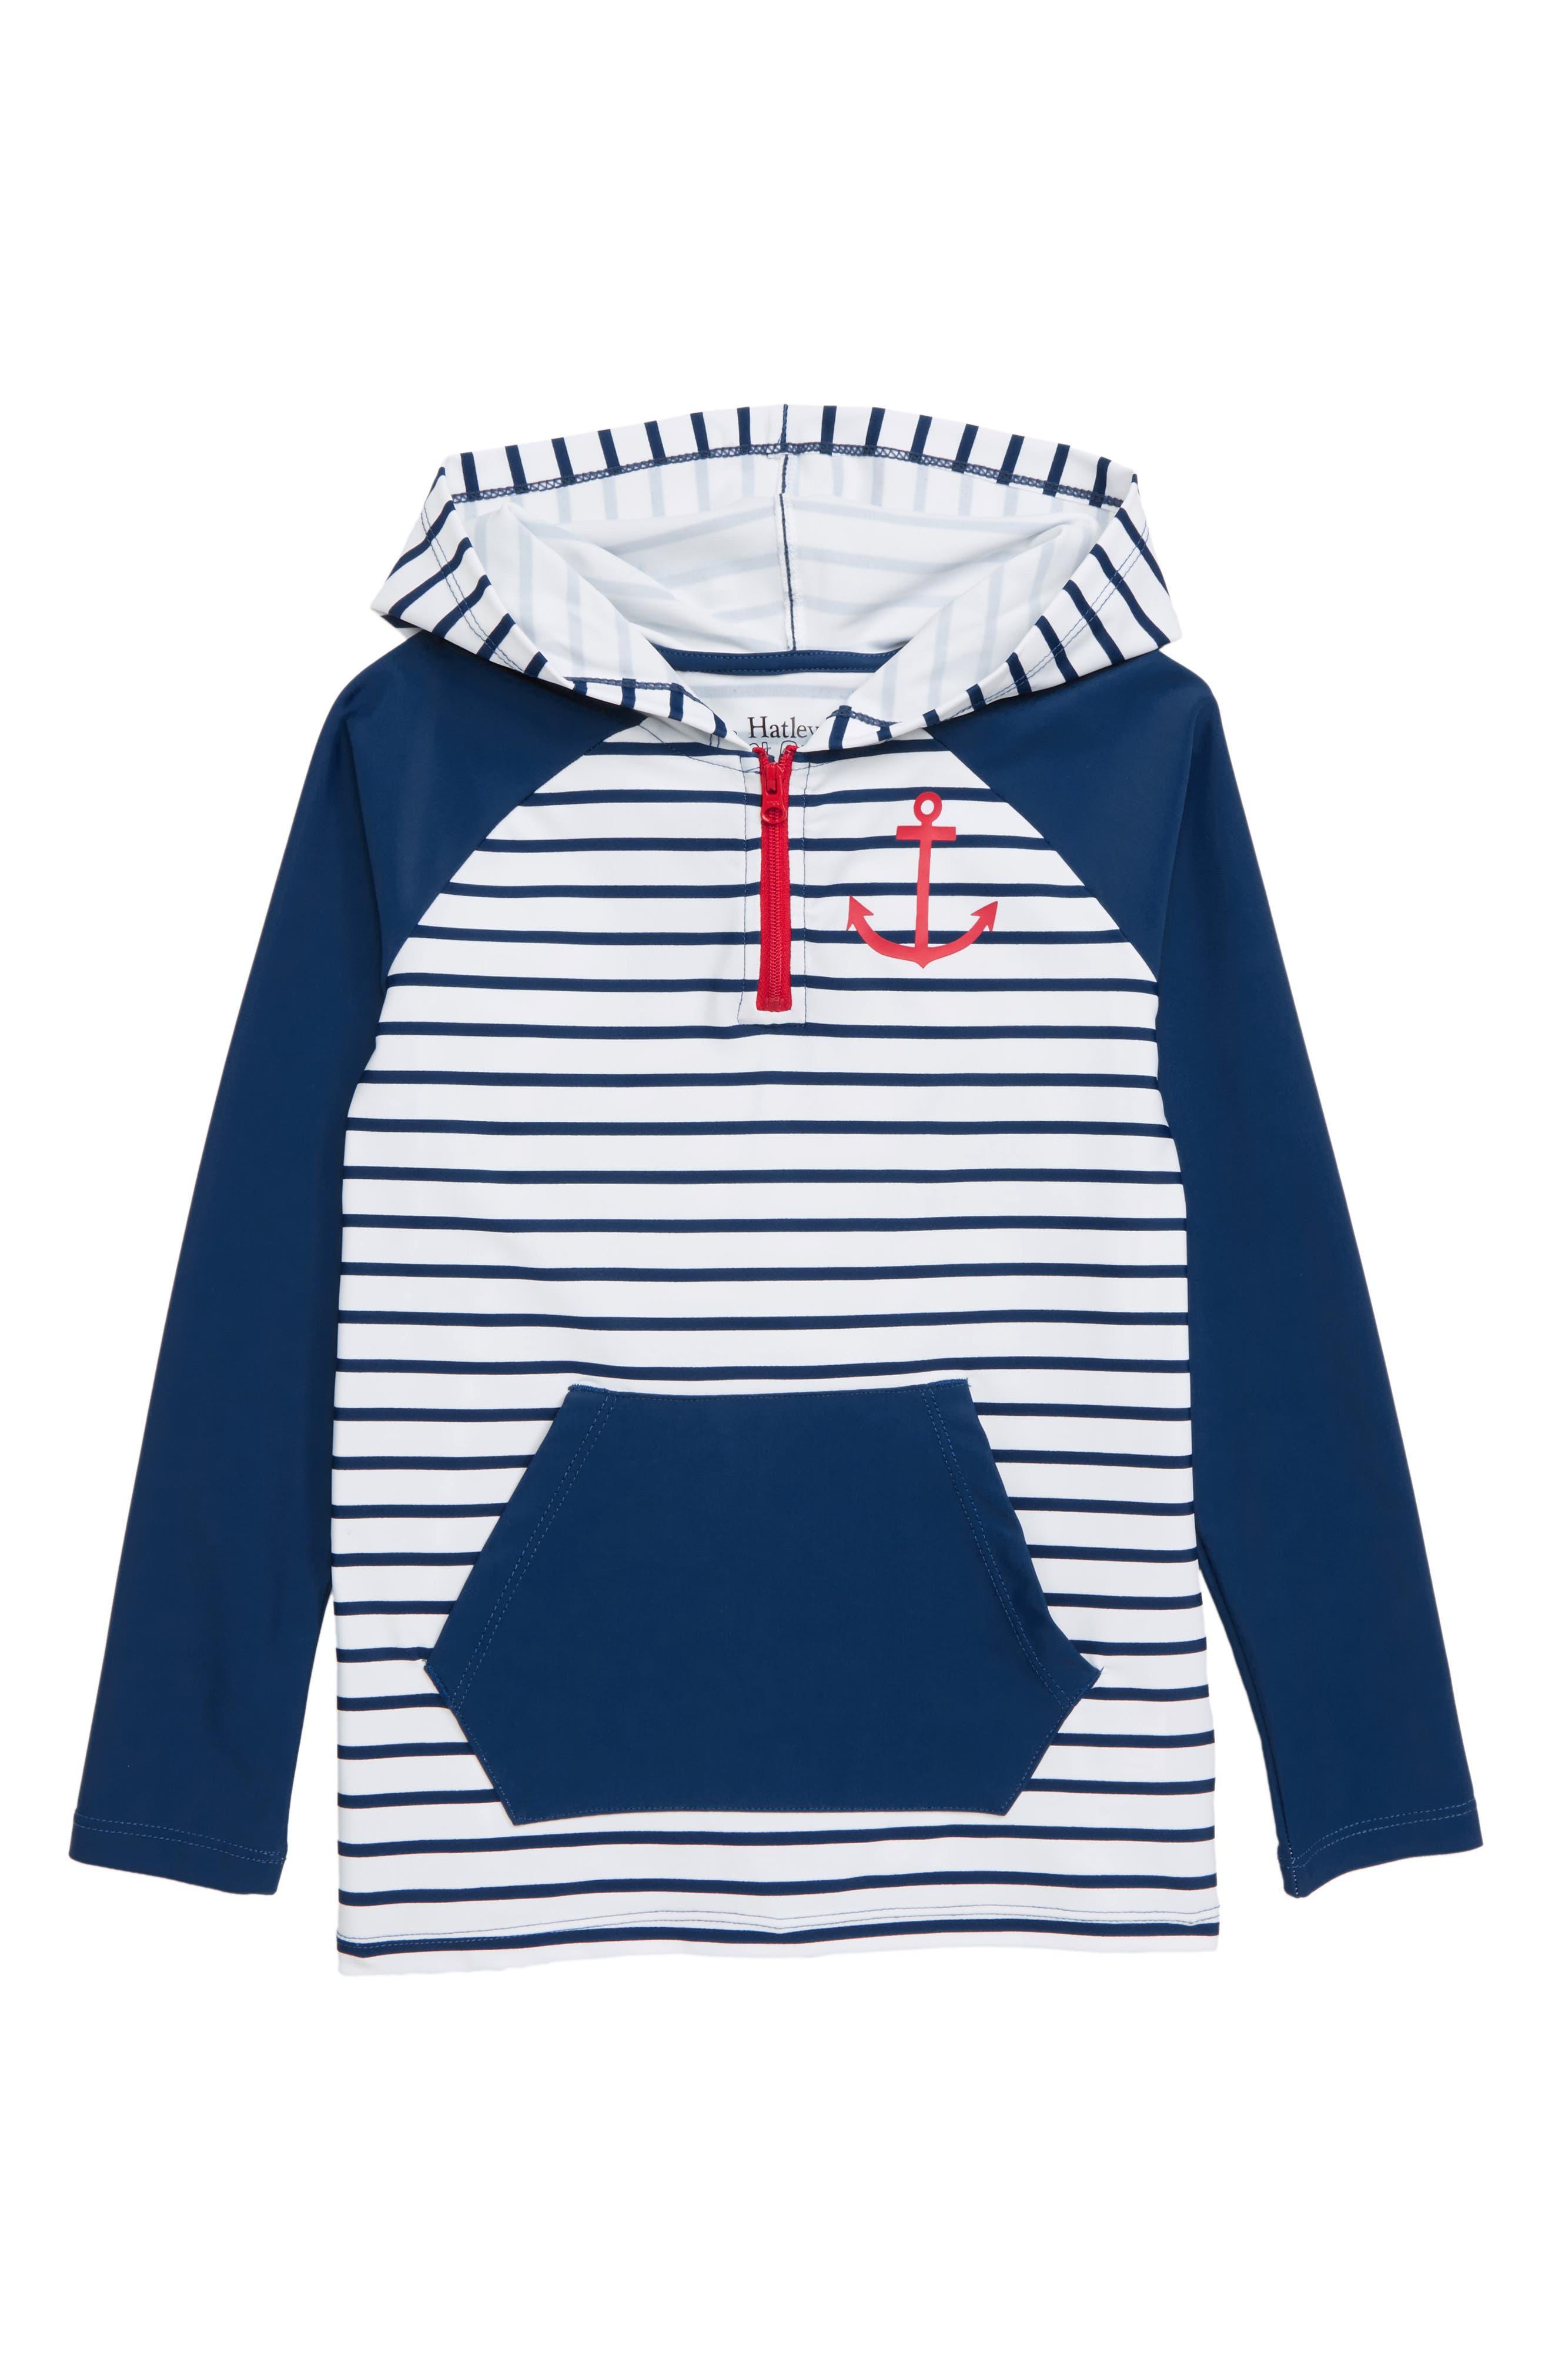 HATLEY Stripe Hooded Rashguard, Main, color, WHITE